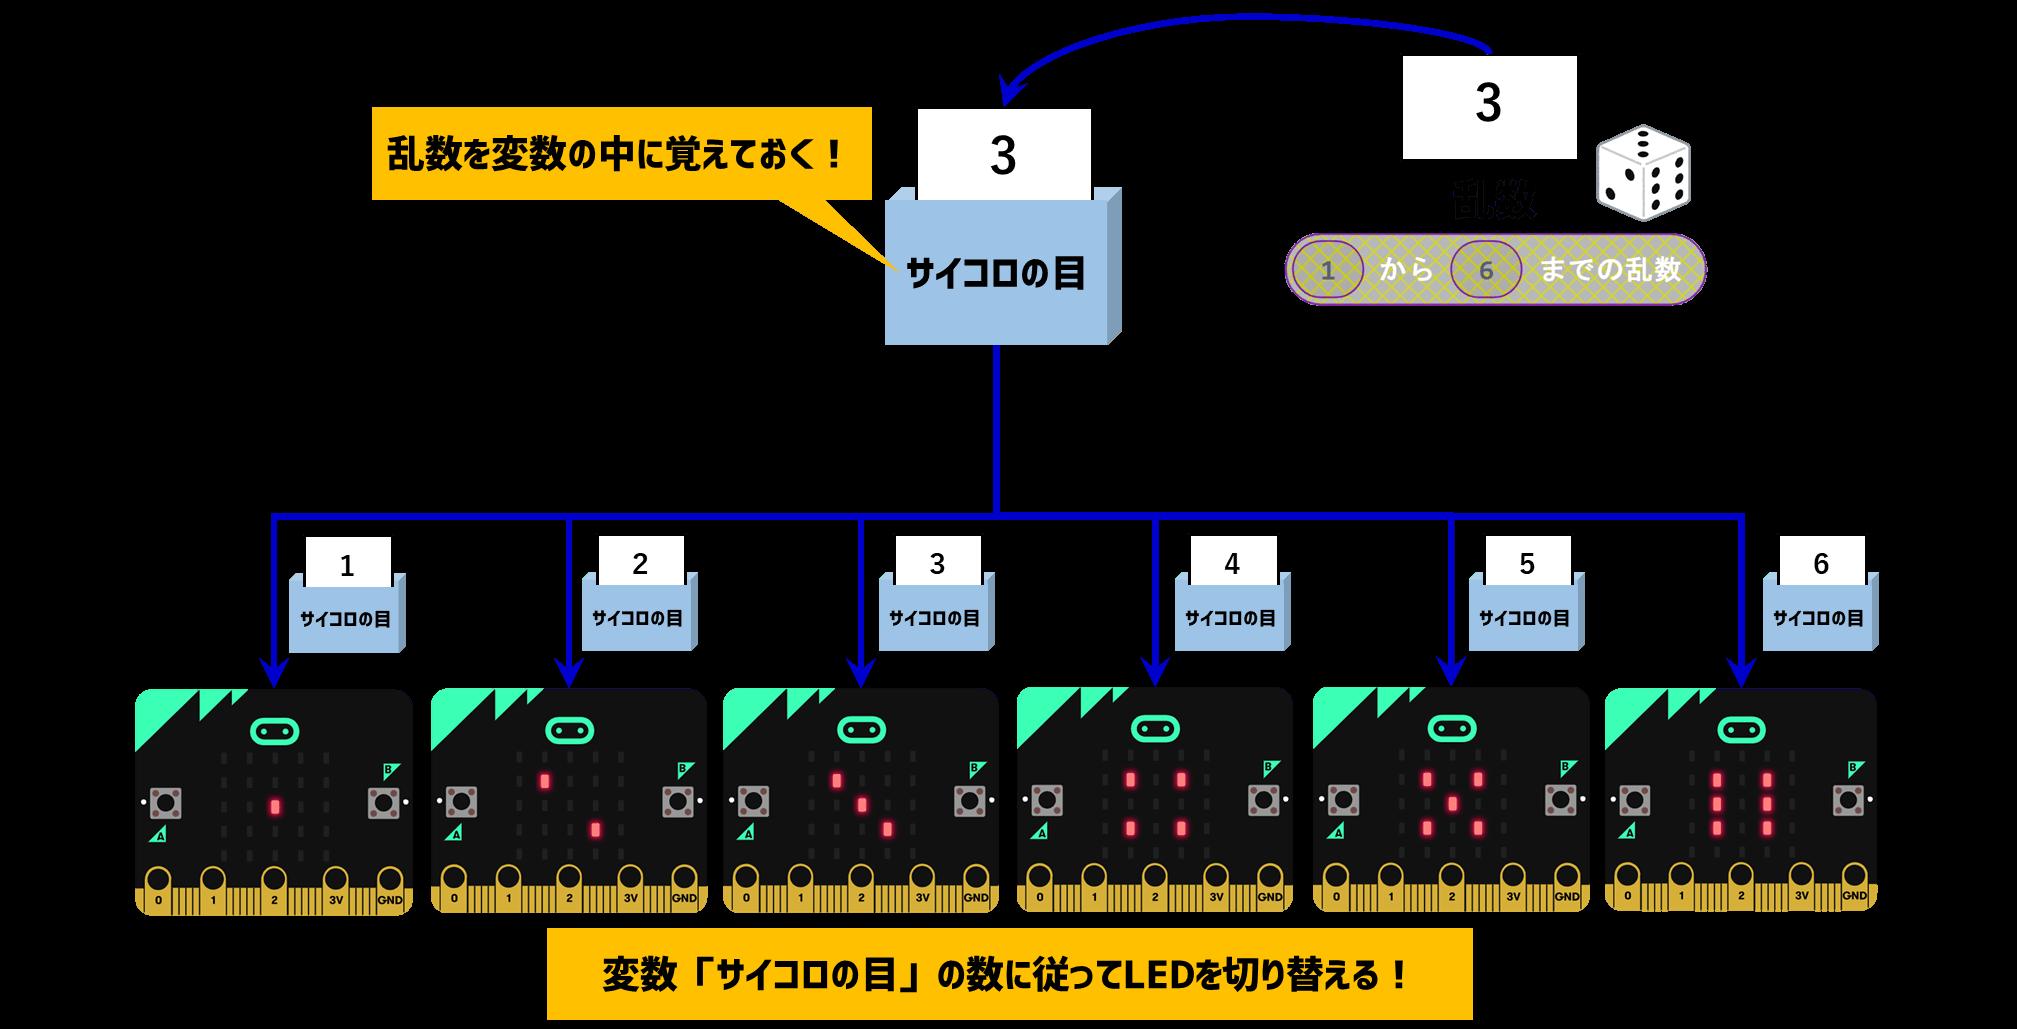 サイコロシステムの全体像